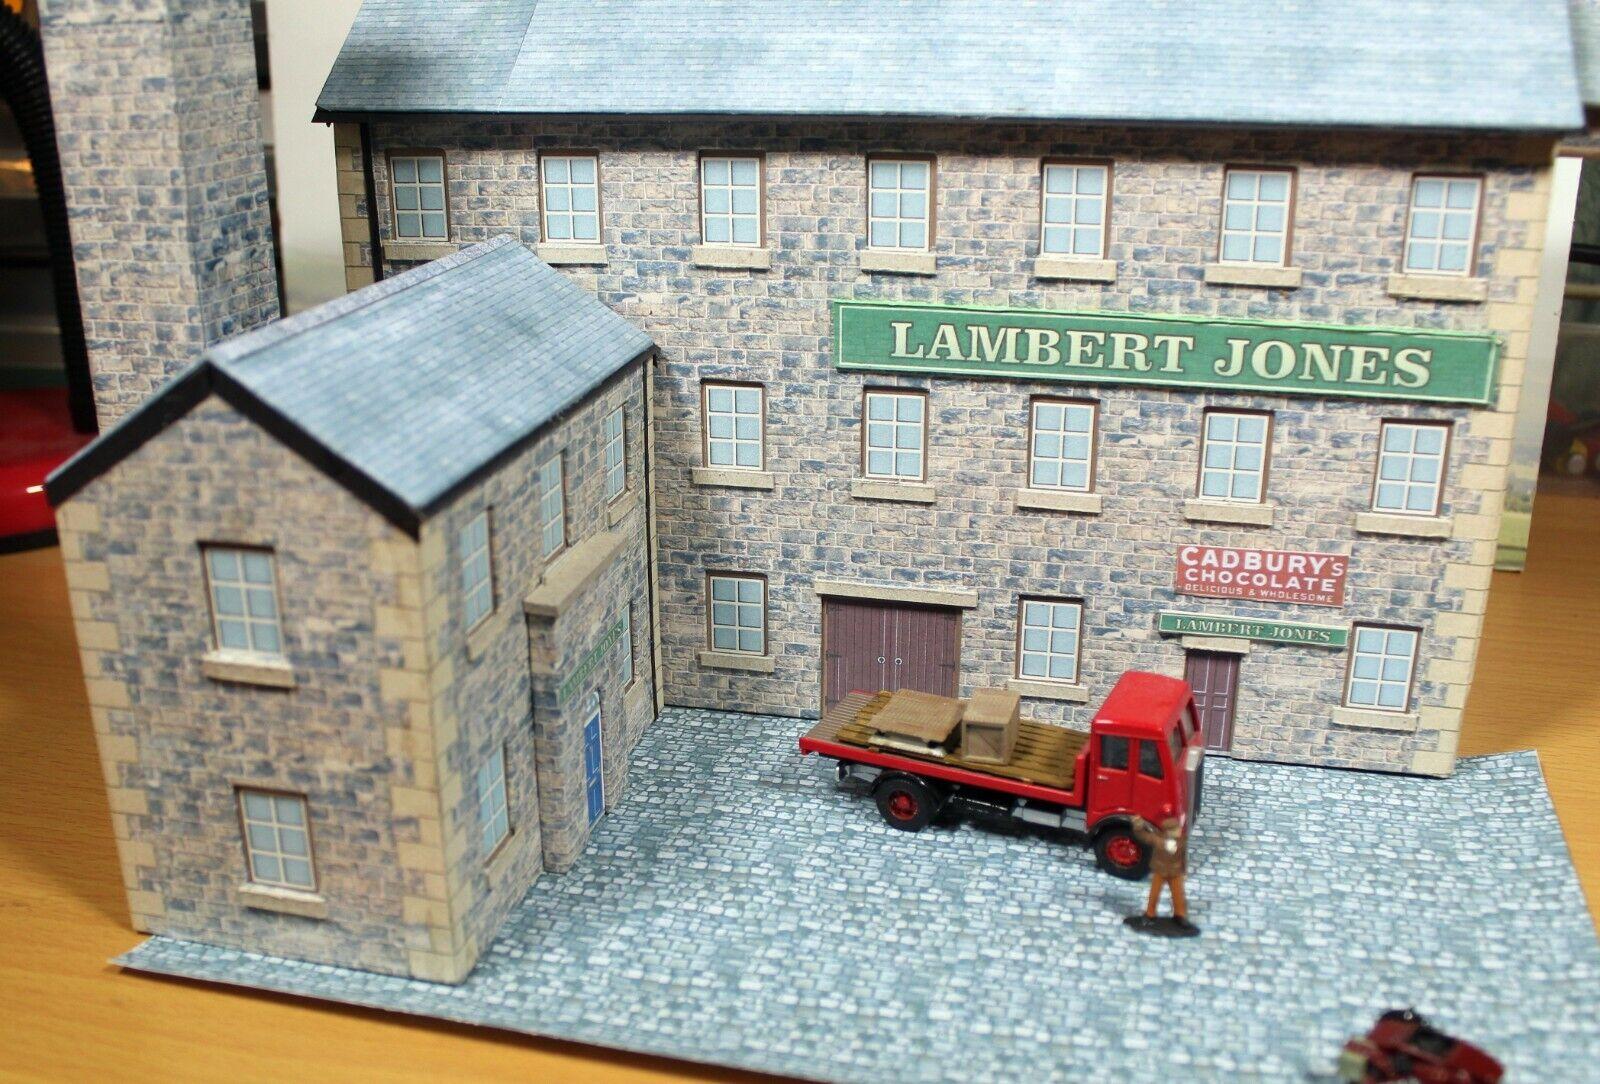 Stone built factory or warehouse, two costruziones, 00 modellololo railway costruziones